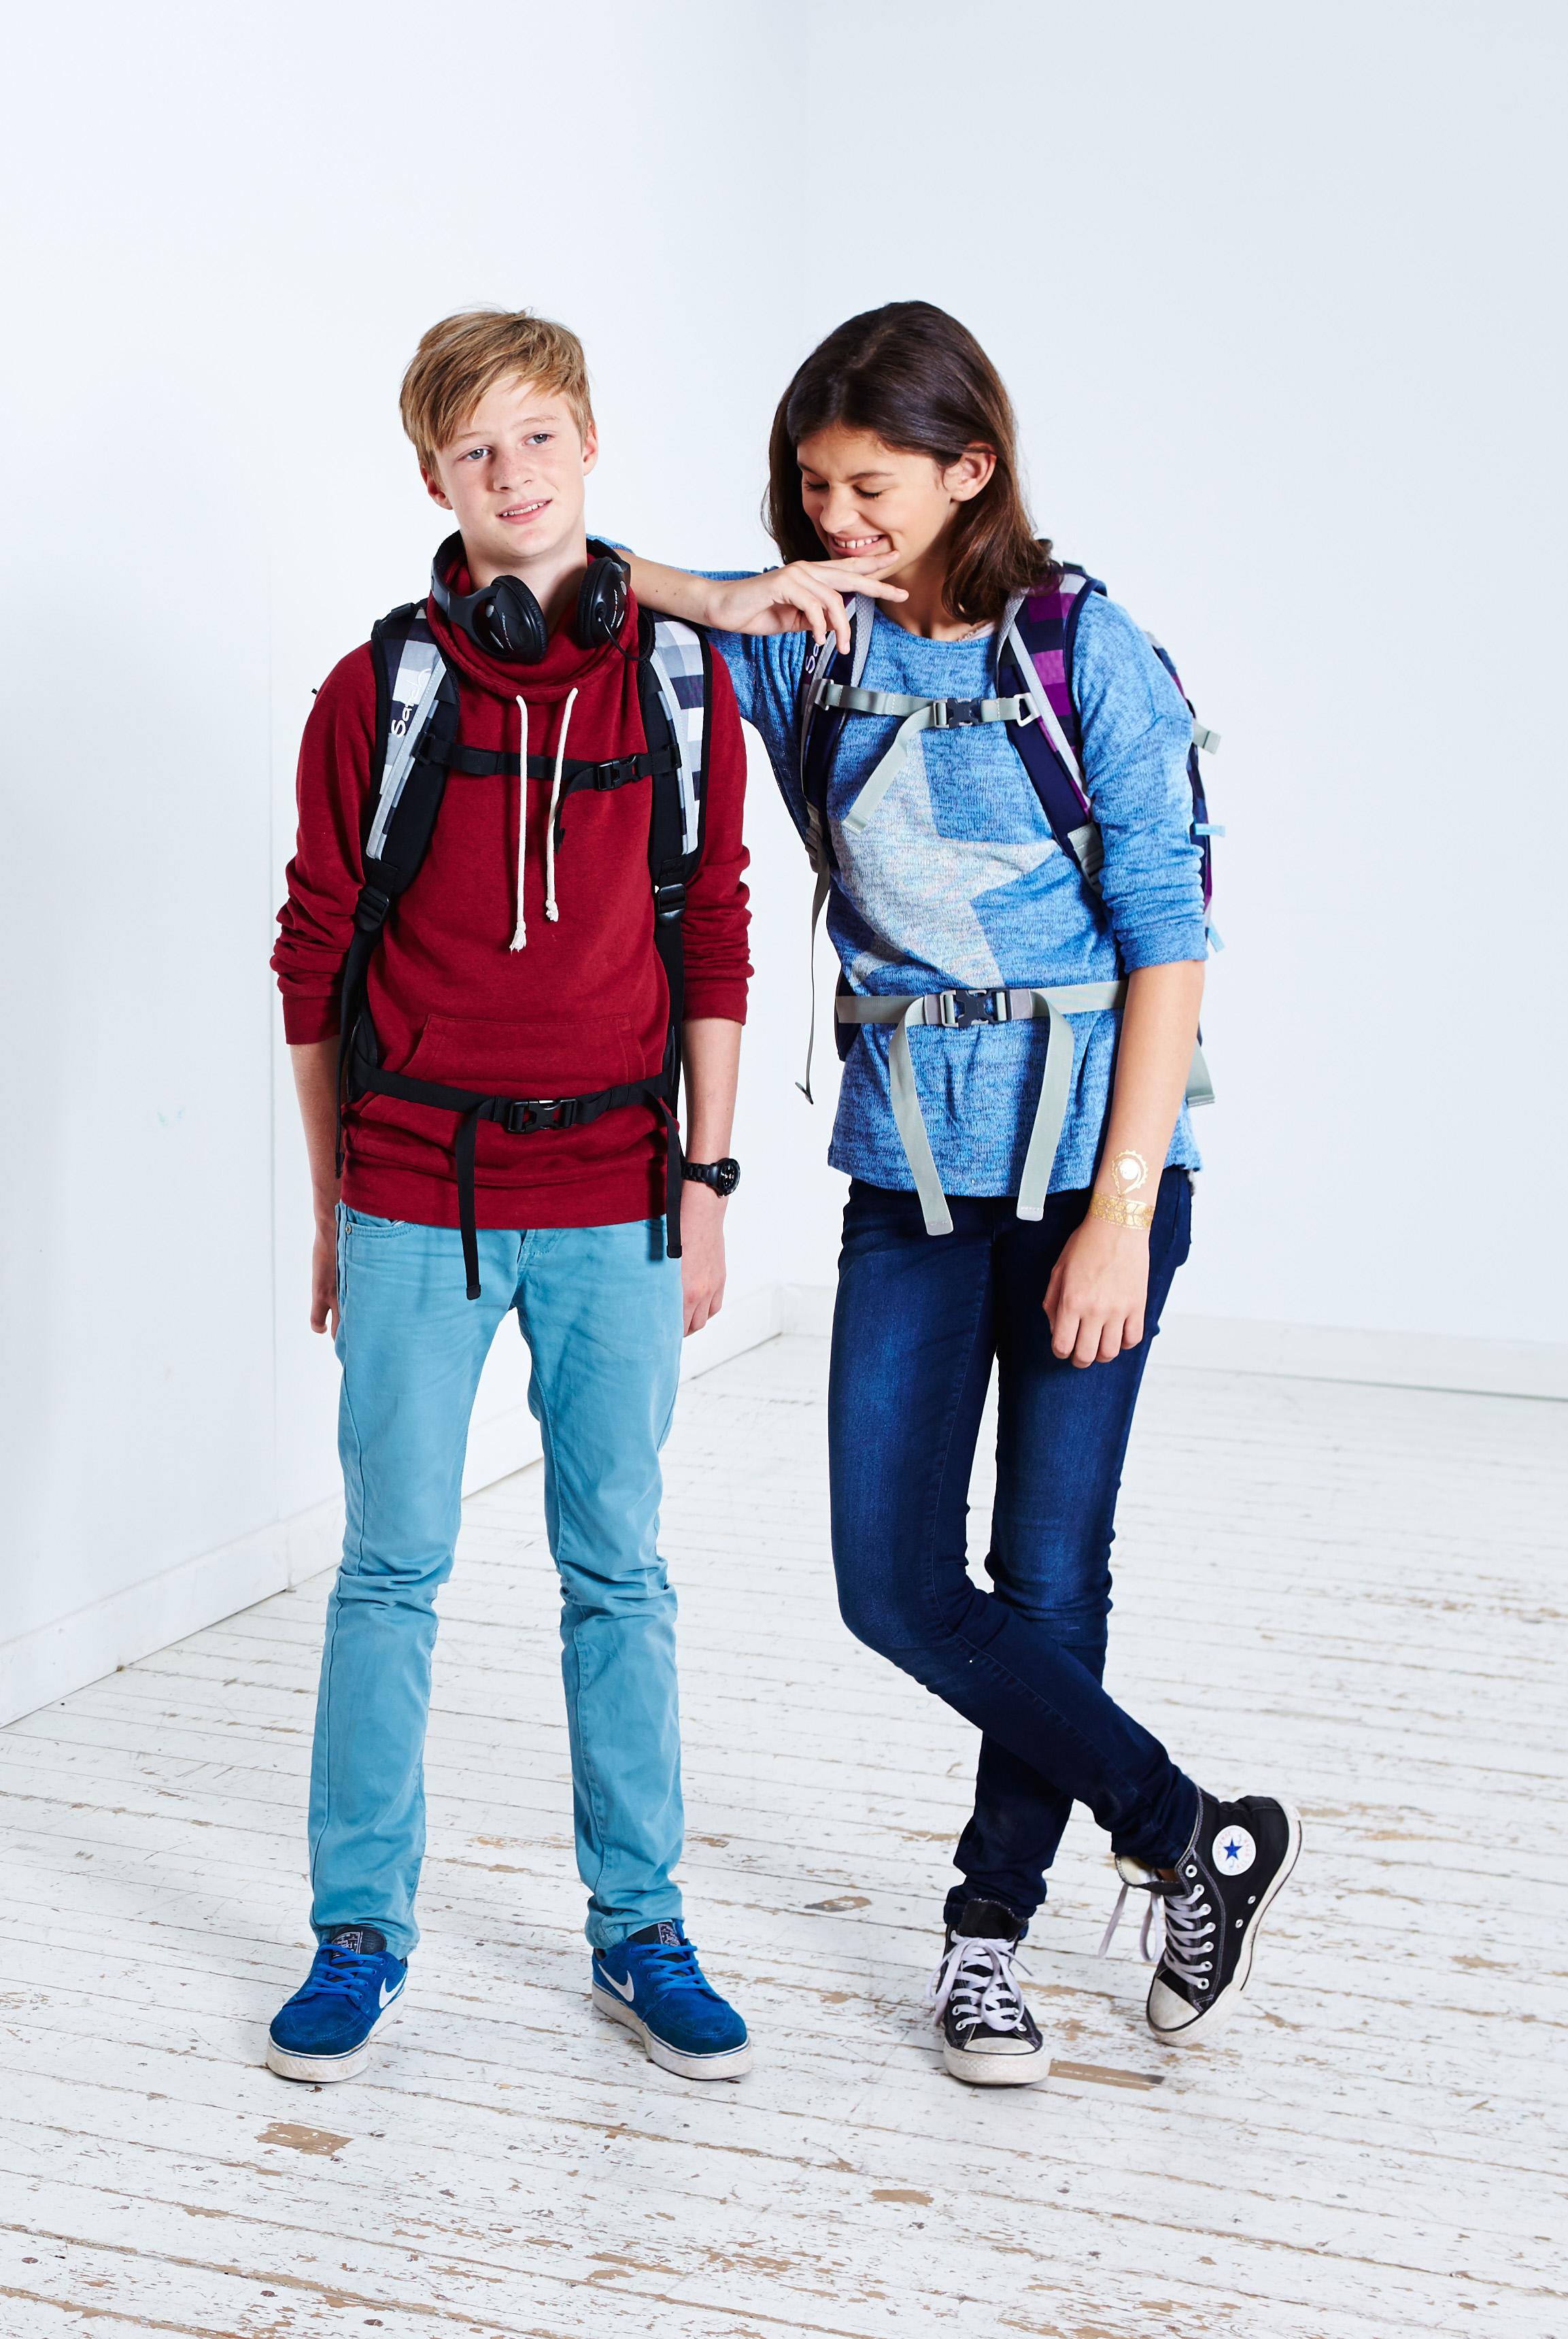 Zwei Jugendliche mit Satch rucksack